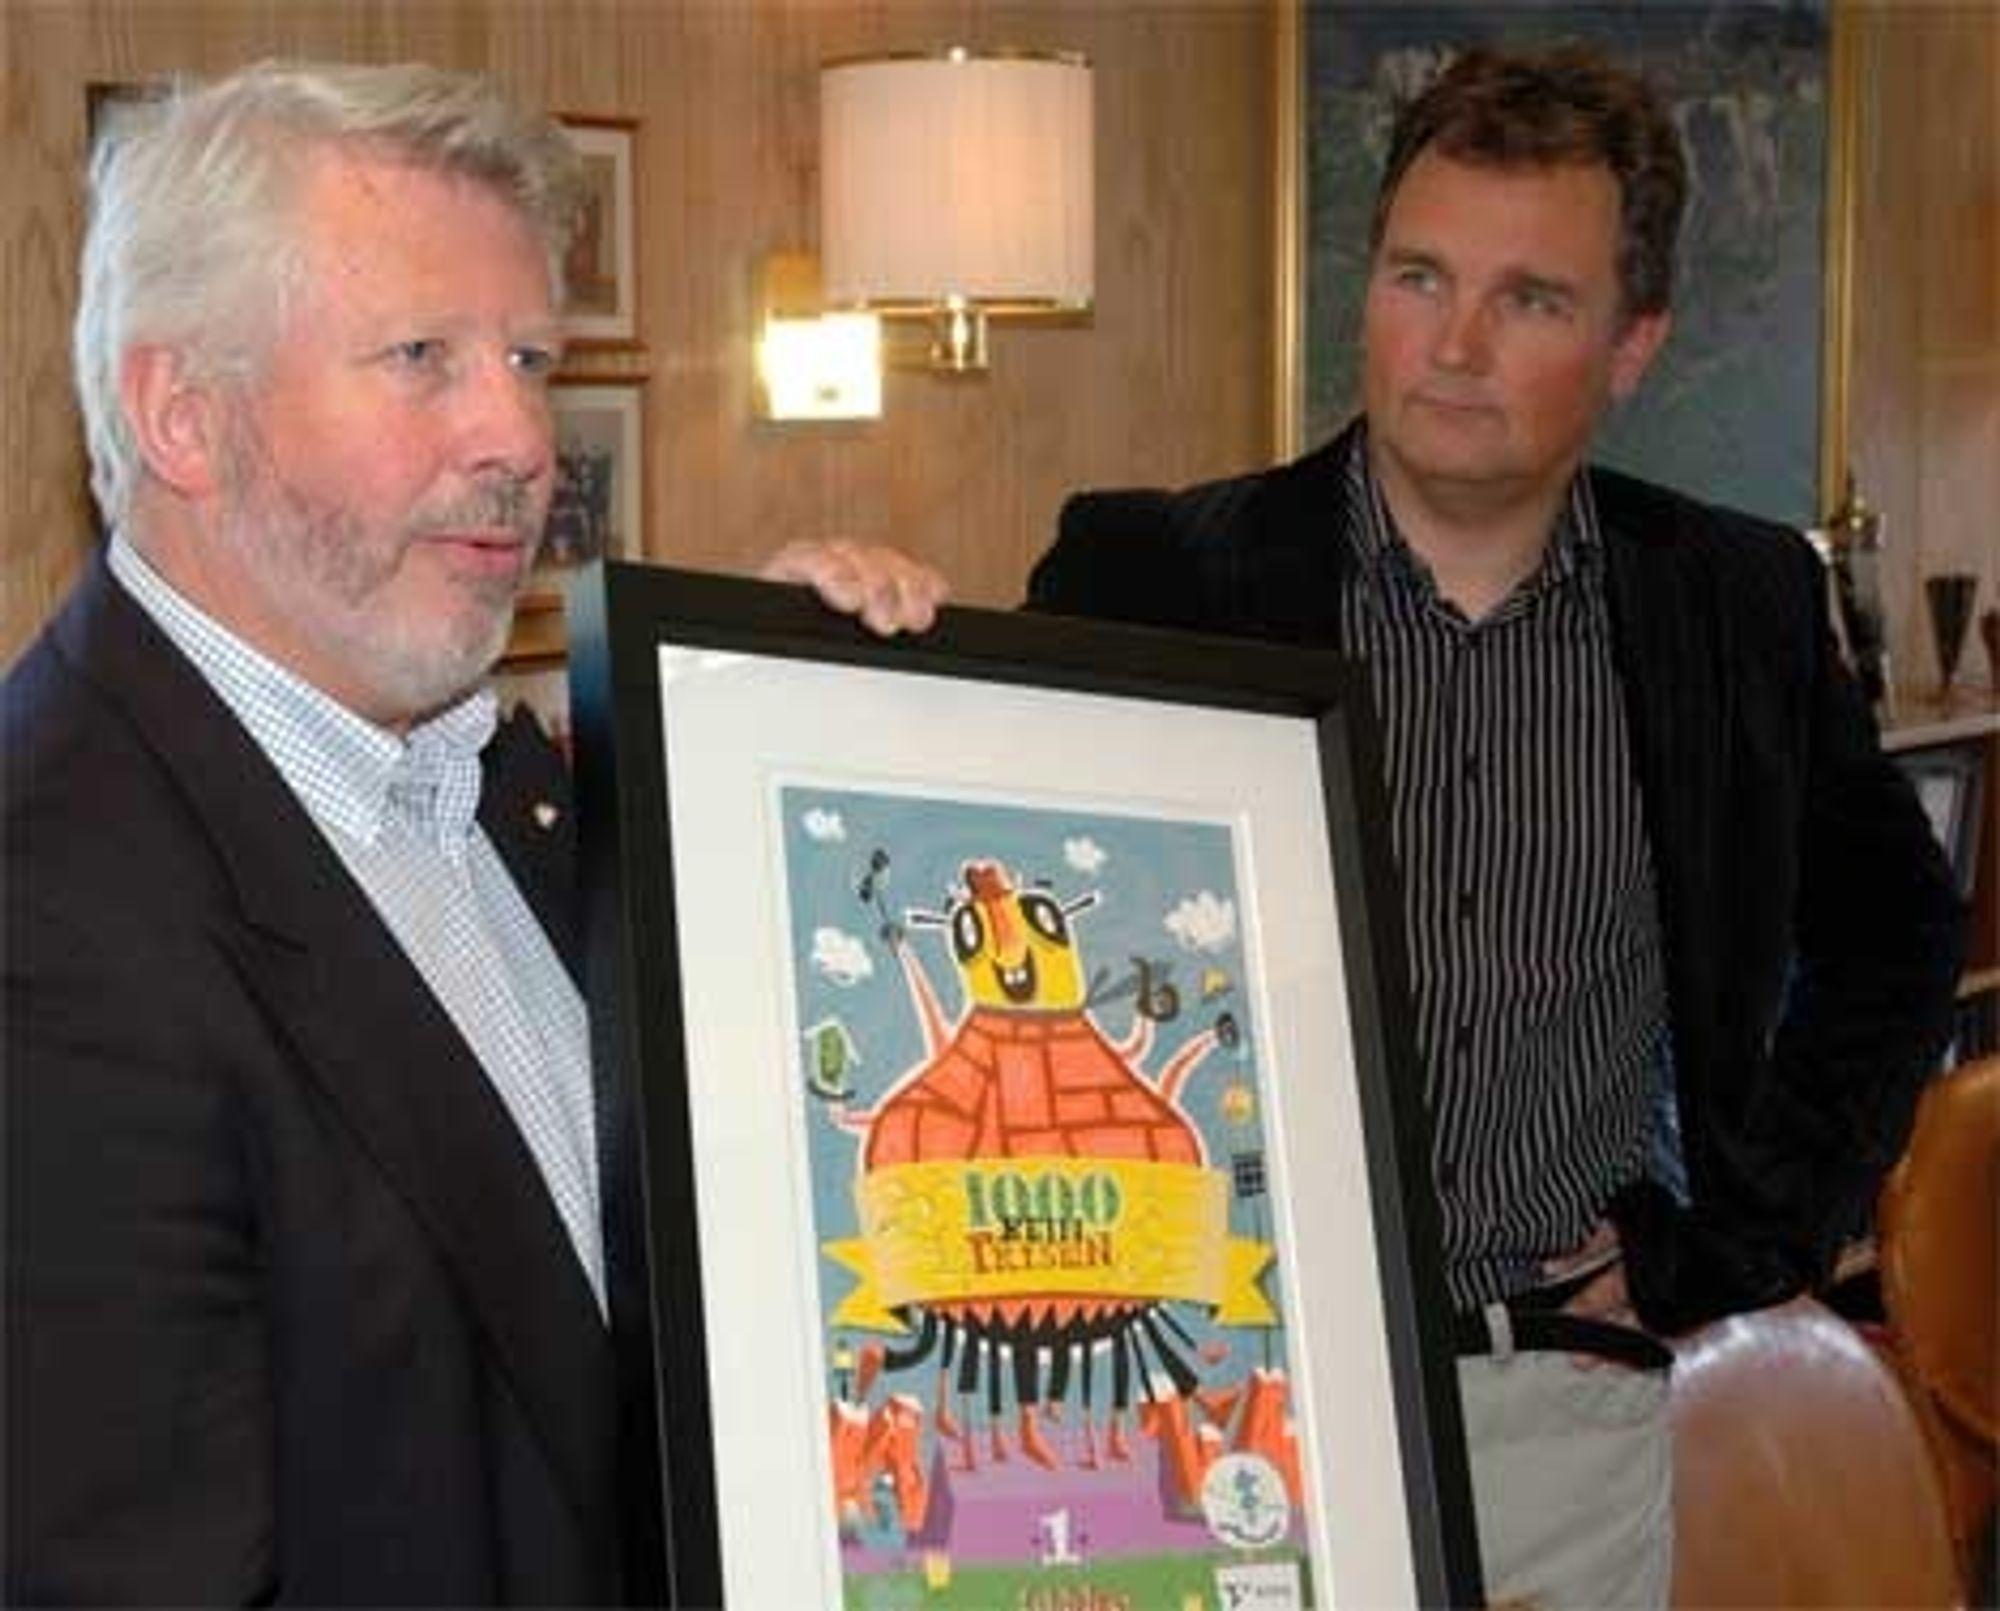 PRISES:Konserndirektør Leif Arne Berge (t.v.) i Tine har mottatt 1000beinprisen av Enova, her representert ved kommunikasjonsansvarlig Bård Bjerkaker.